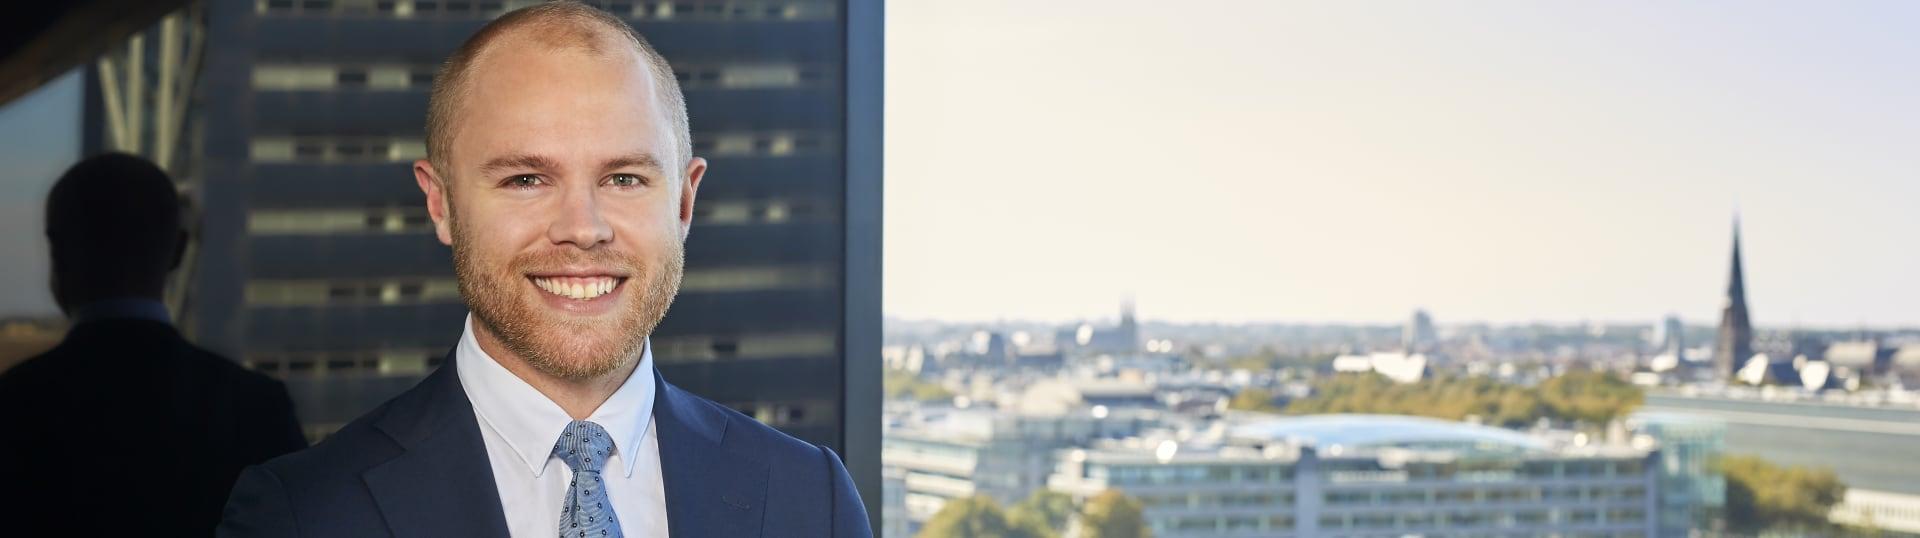 Tim Gillhaus, advocaat Pels Rijcken